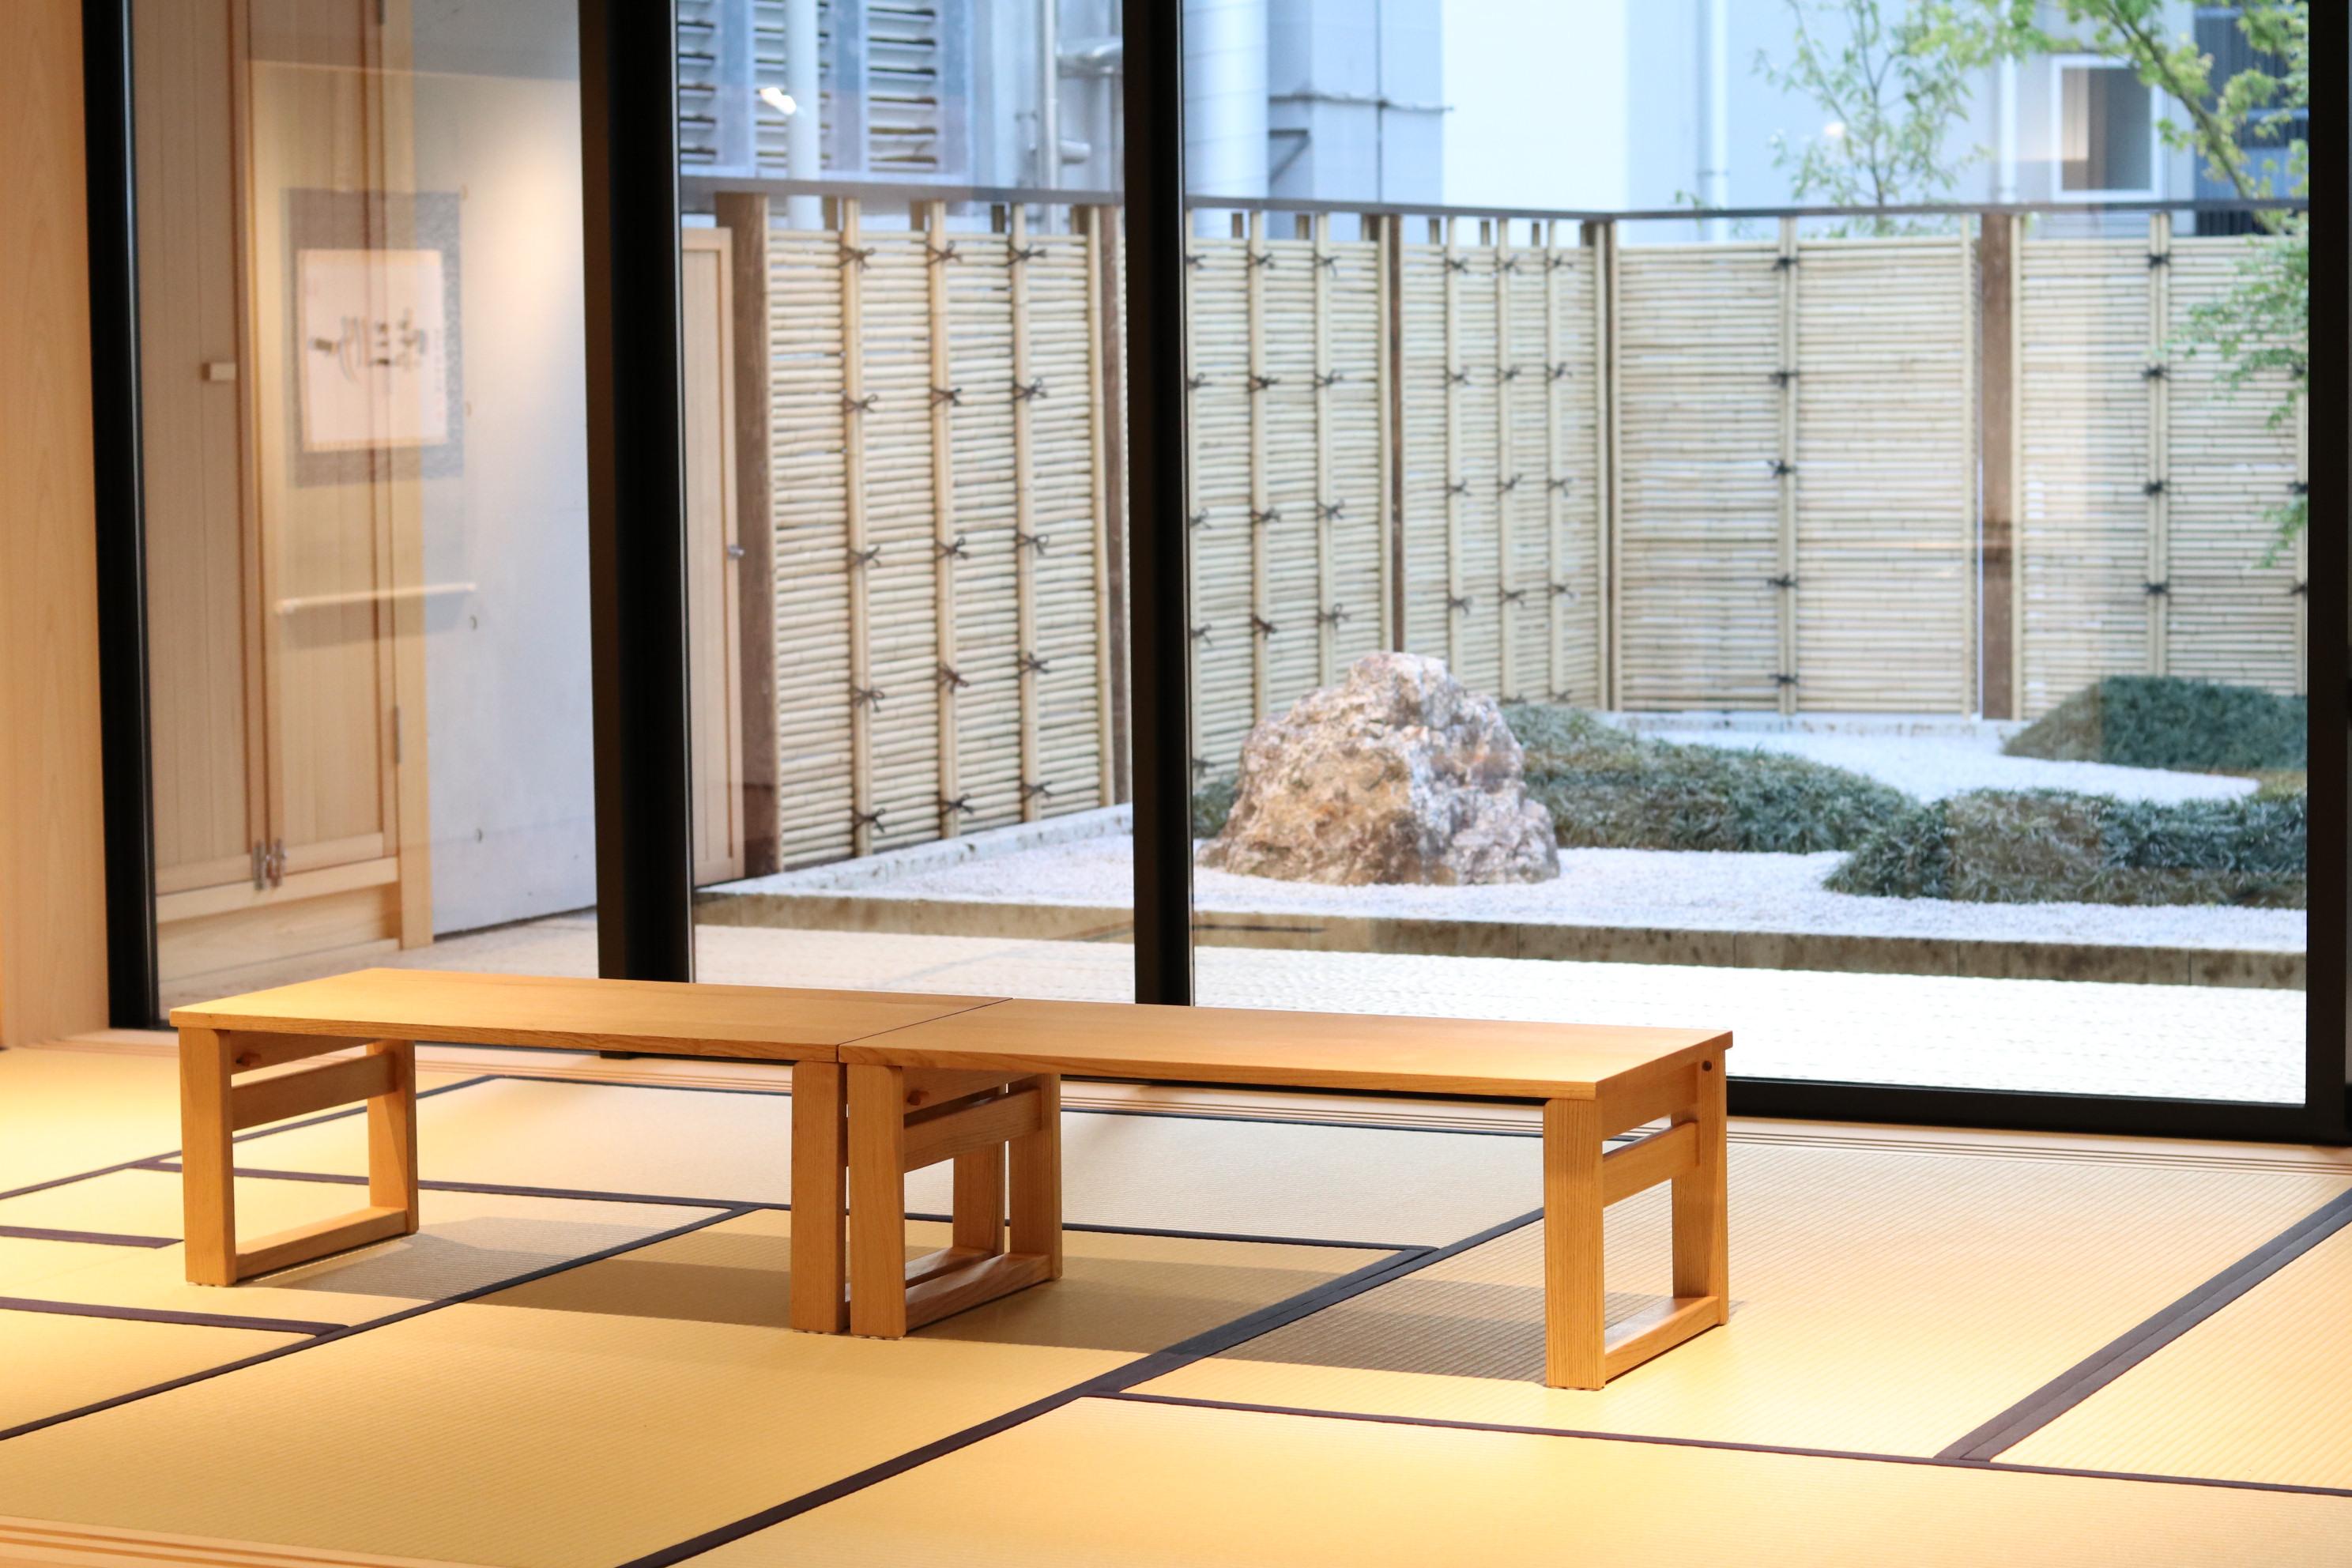 和の雰囲気漂う ~Akasaka Zen Space~|TIME SHARING|タイムシェアリング |スペースマネジメント|あどばる|adval|SHARING